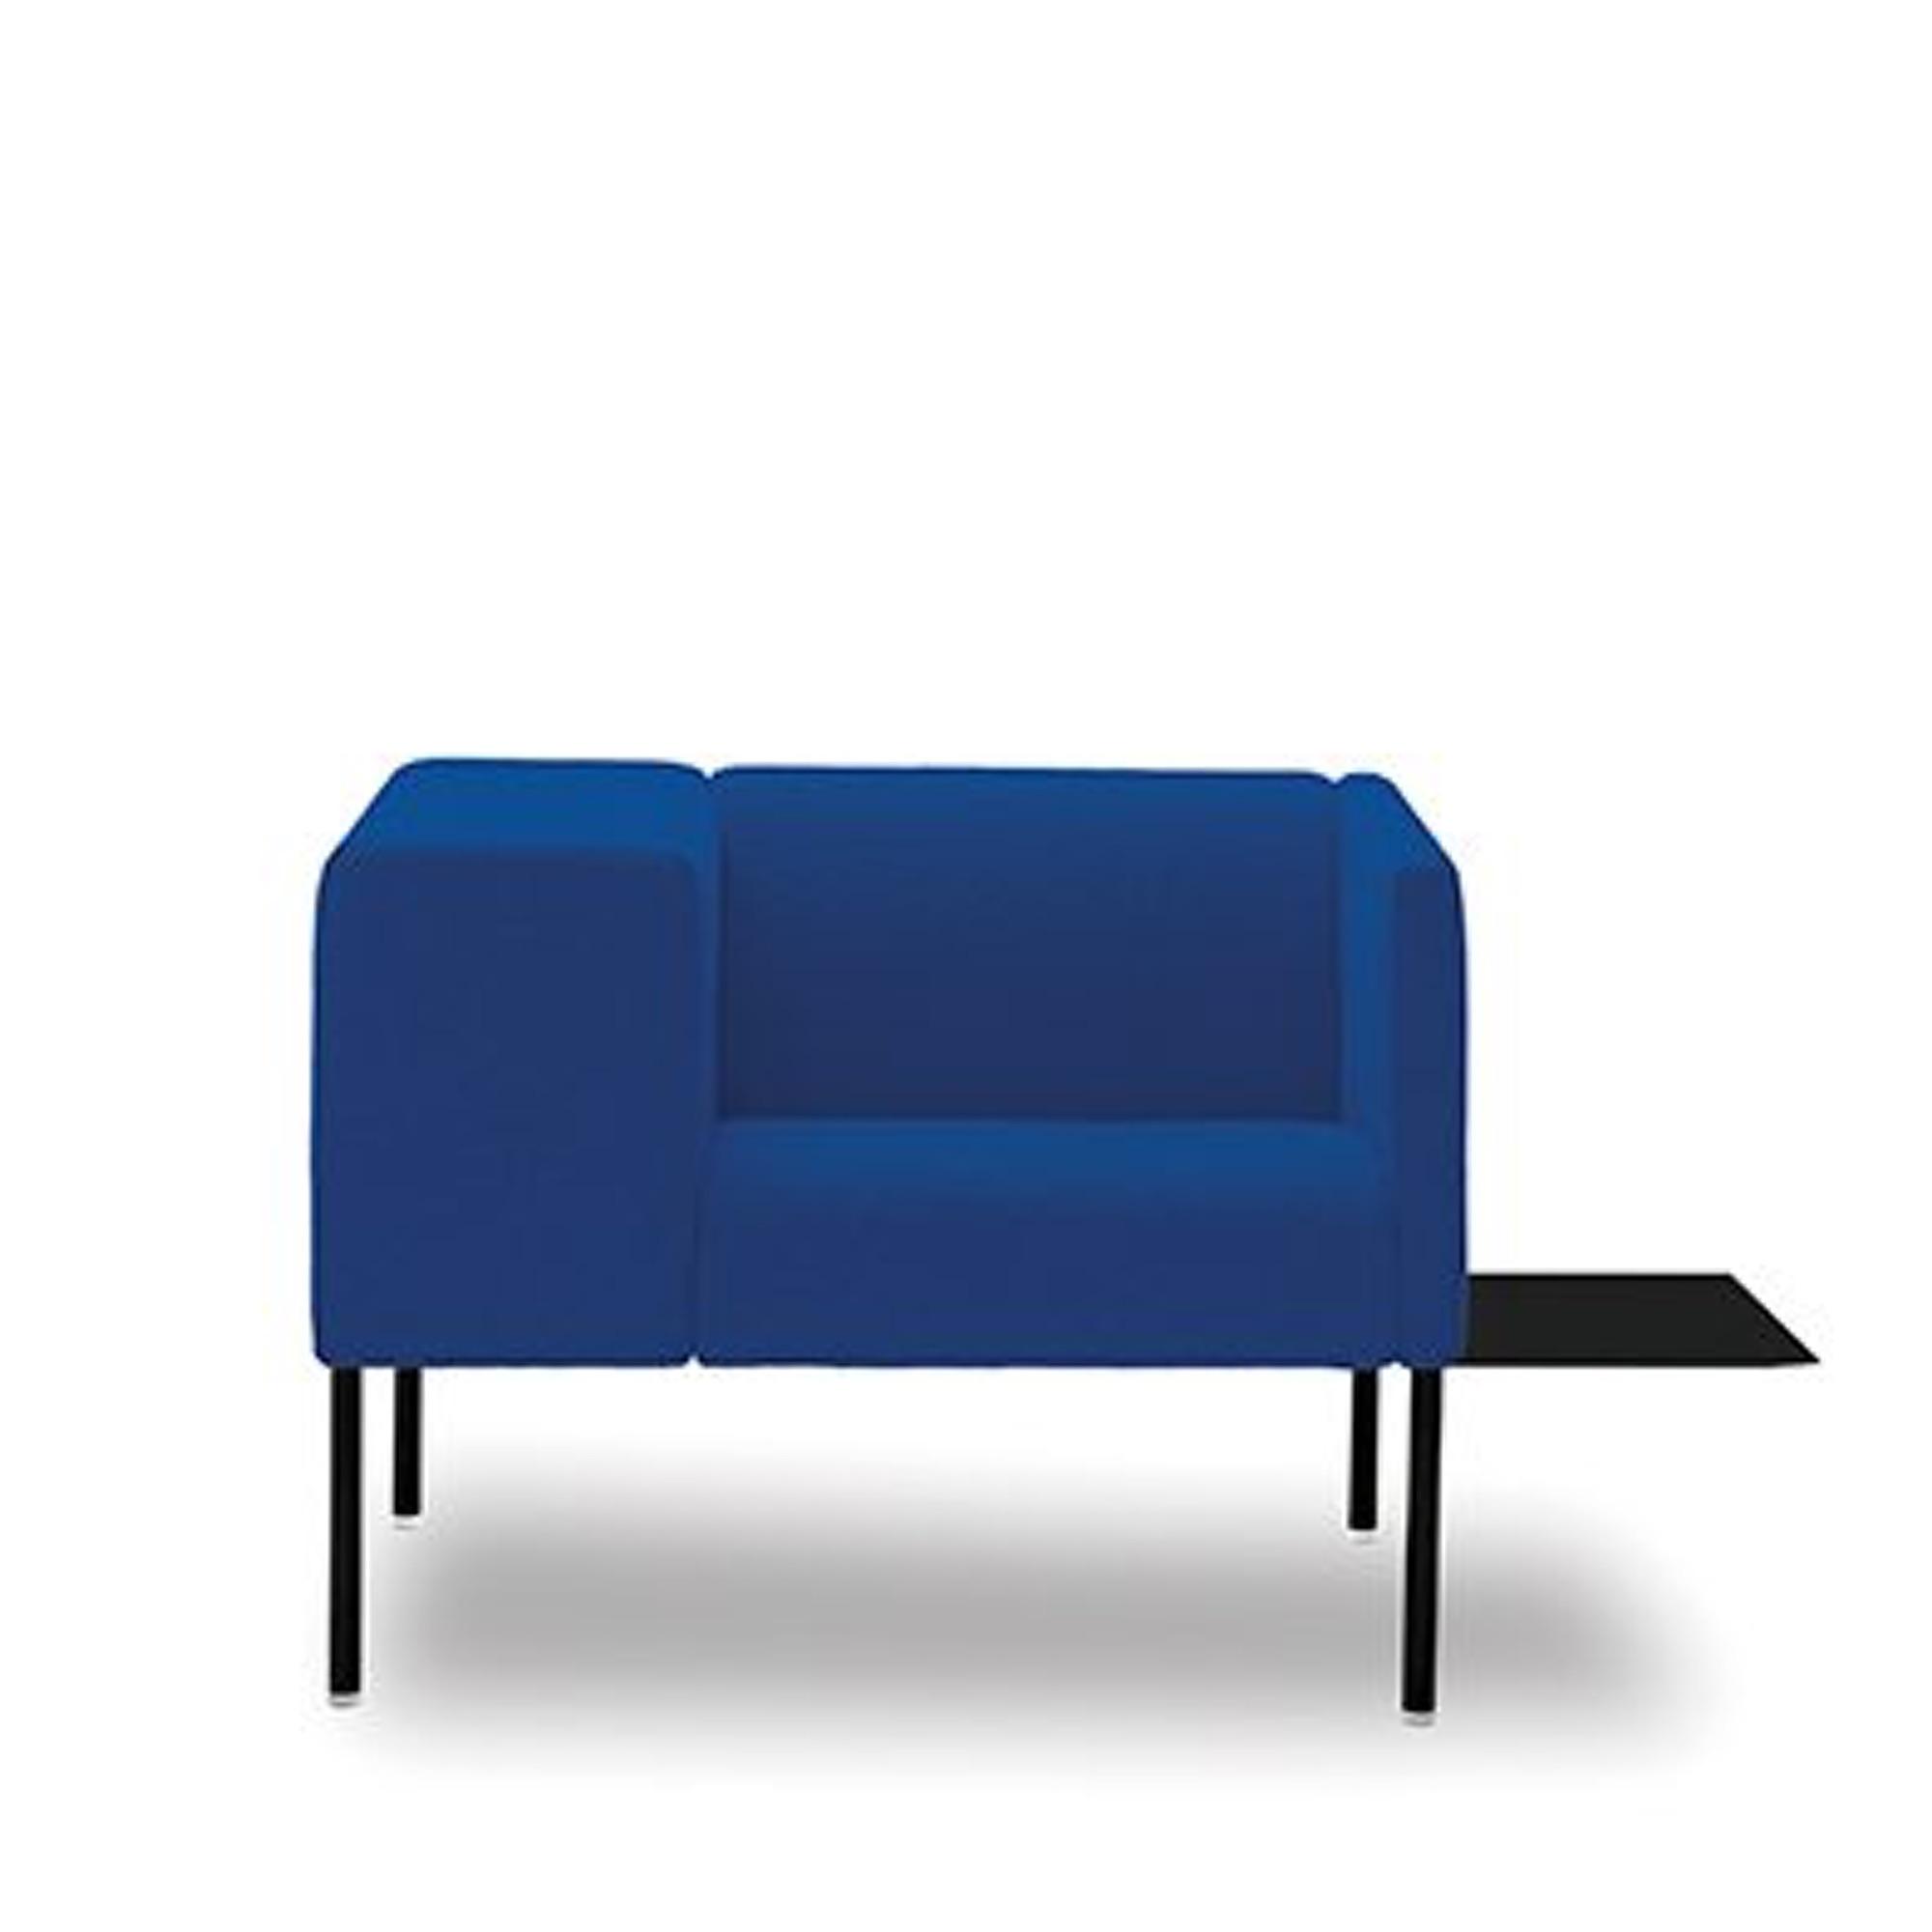 viccarbe loungesessel brix mit breiter armlehne sessel empfangsm bel alle kategorien. Black Bedroom Furniture Sets. Home Design Ideas